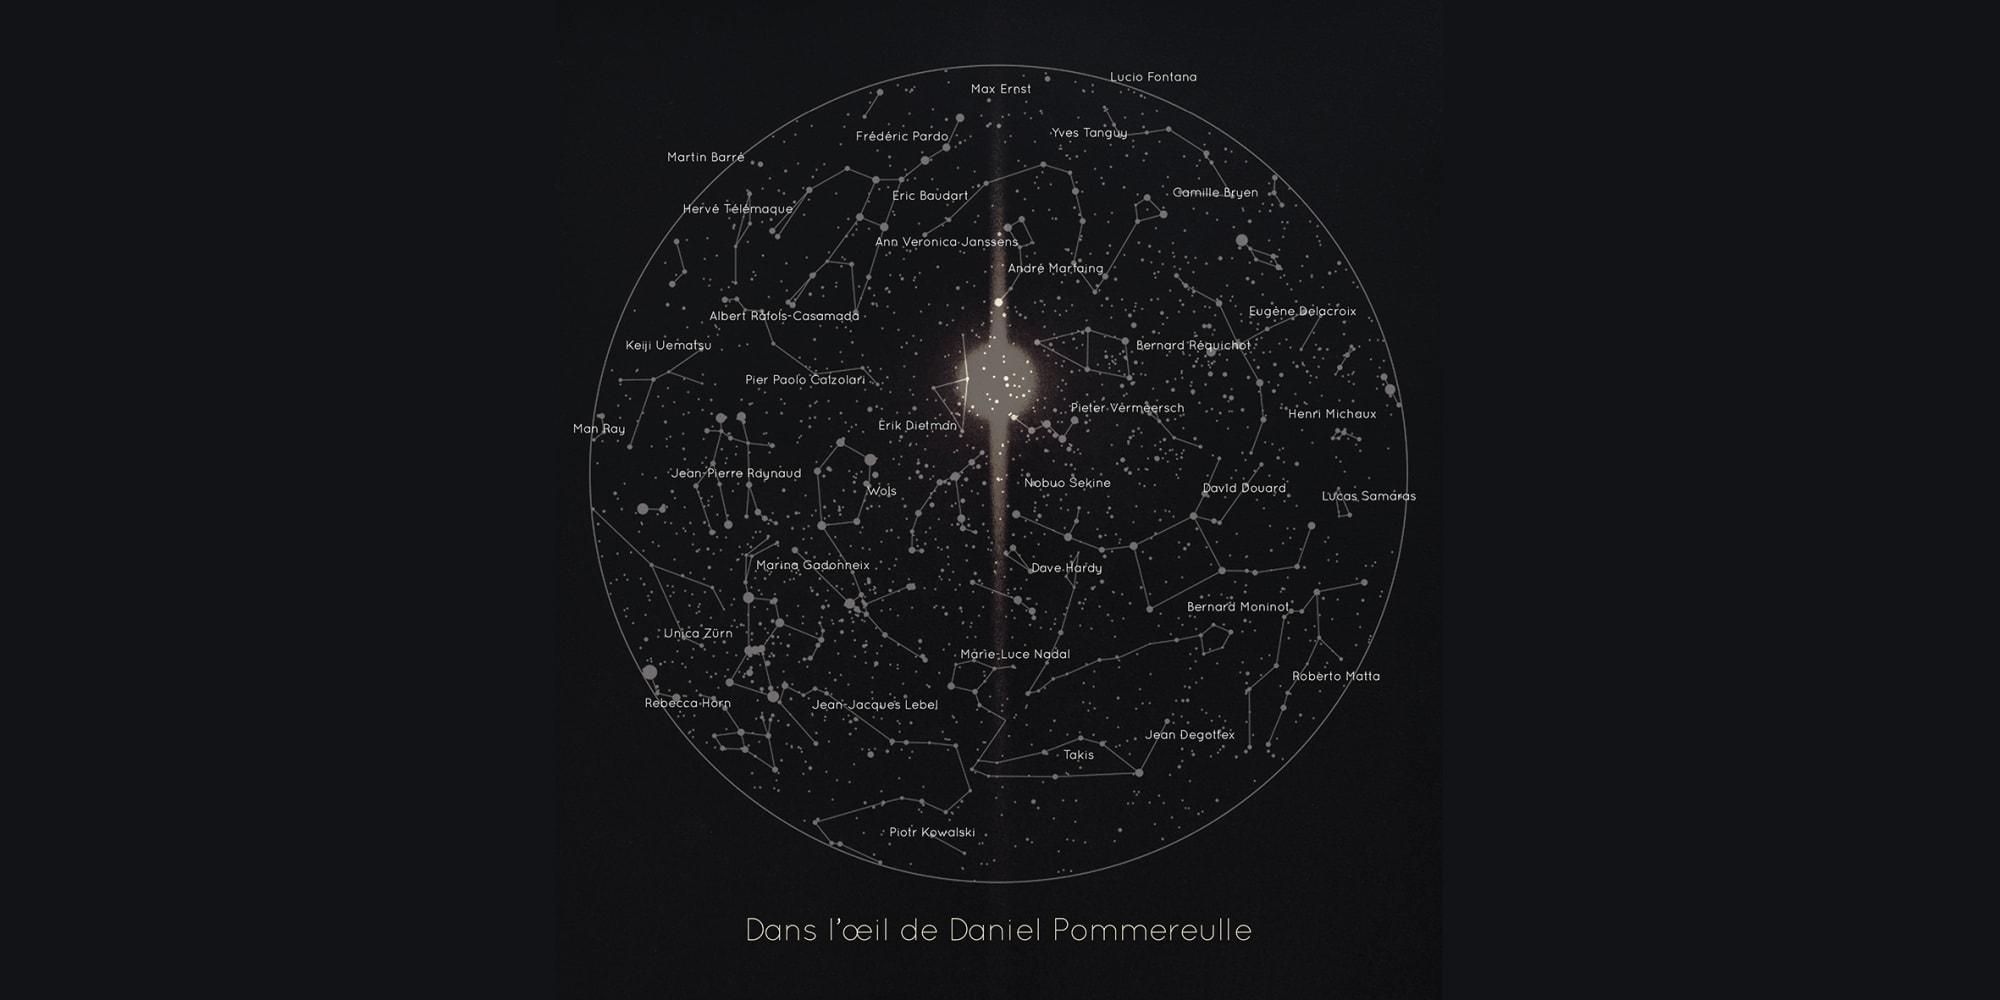 SOON: Dans l'Oeil de Daniel Pommereulle